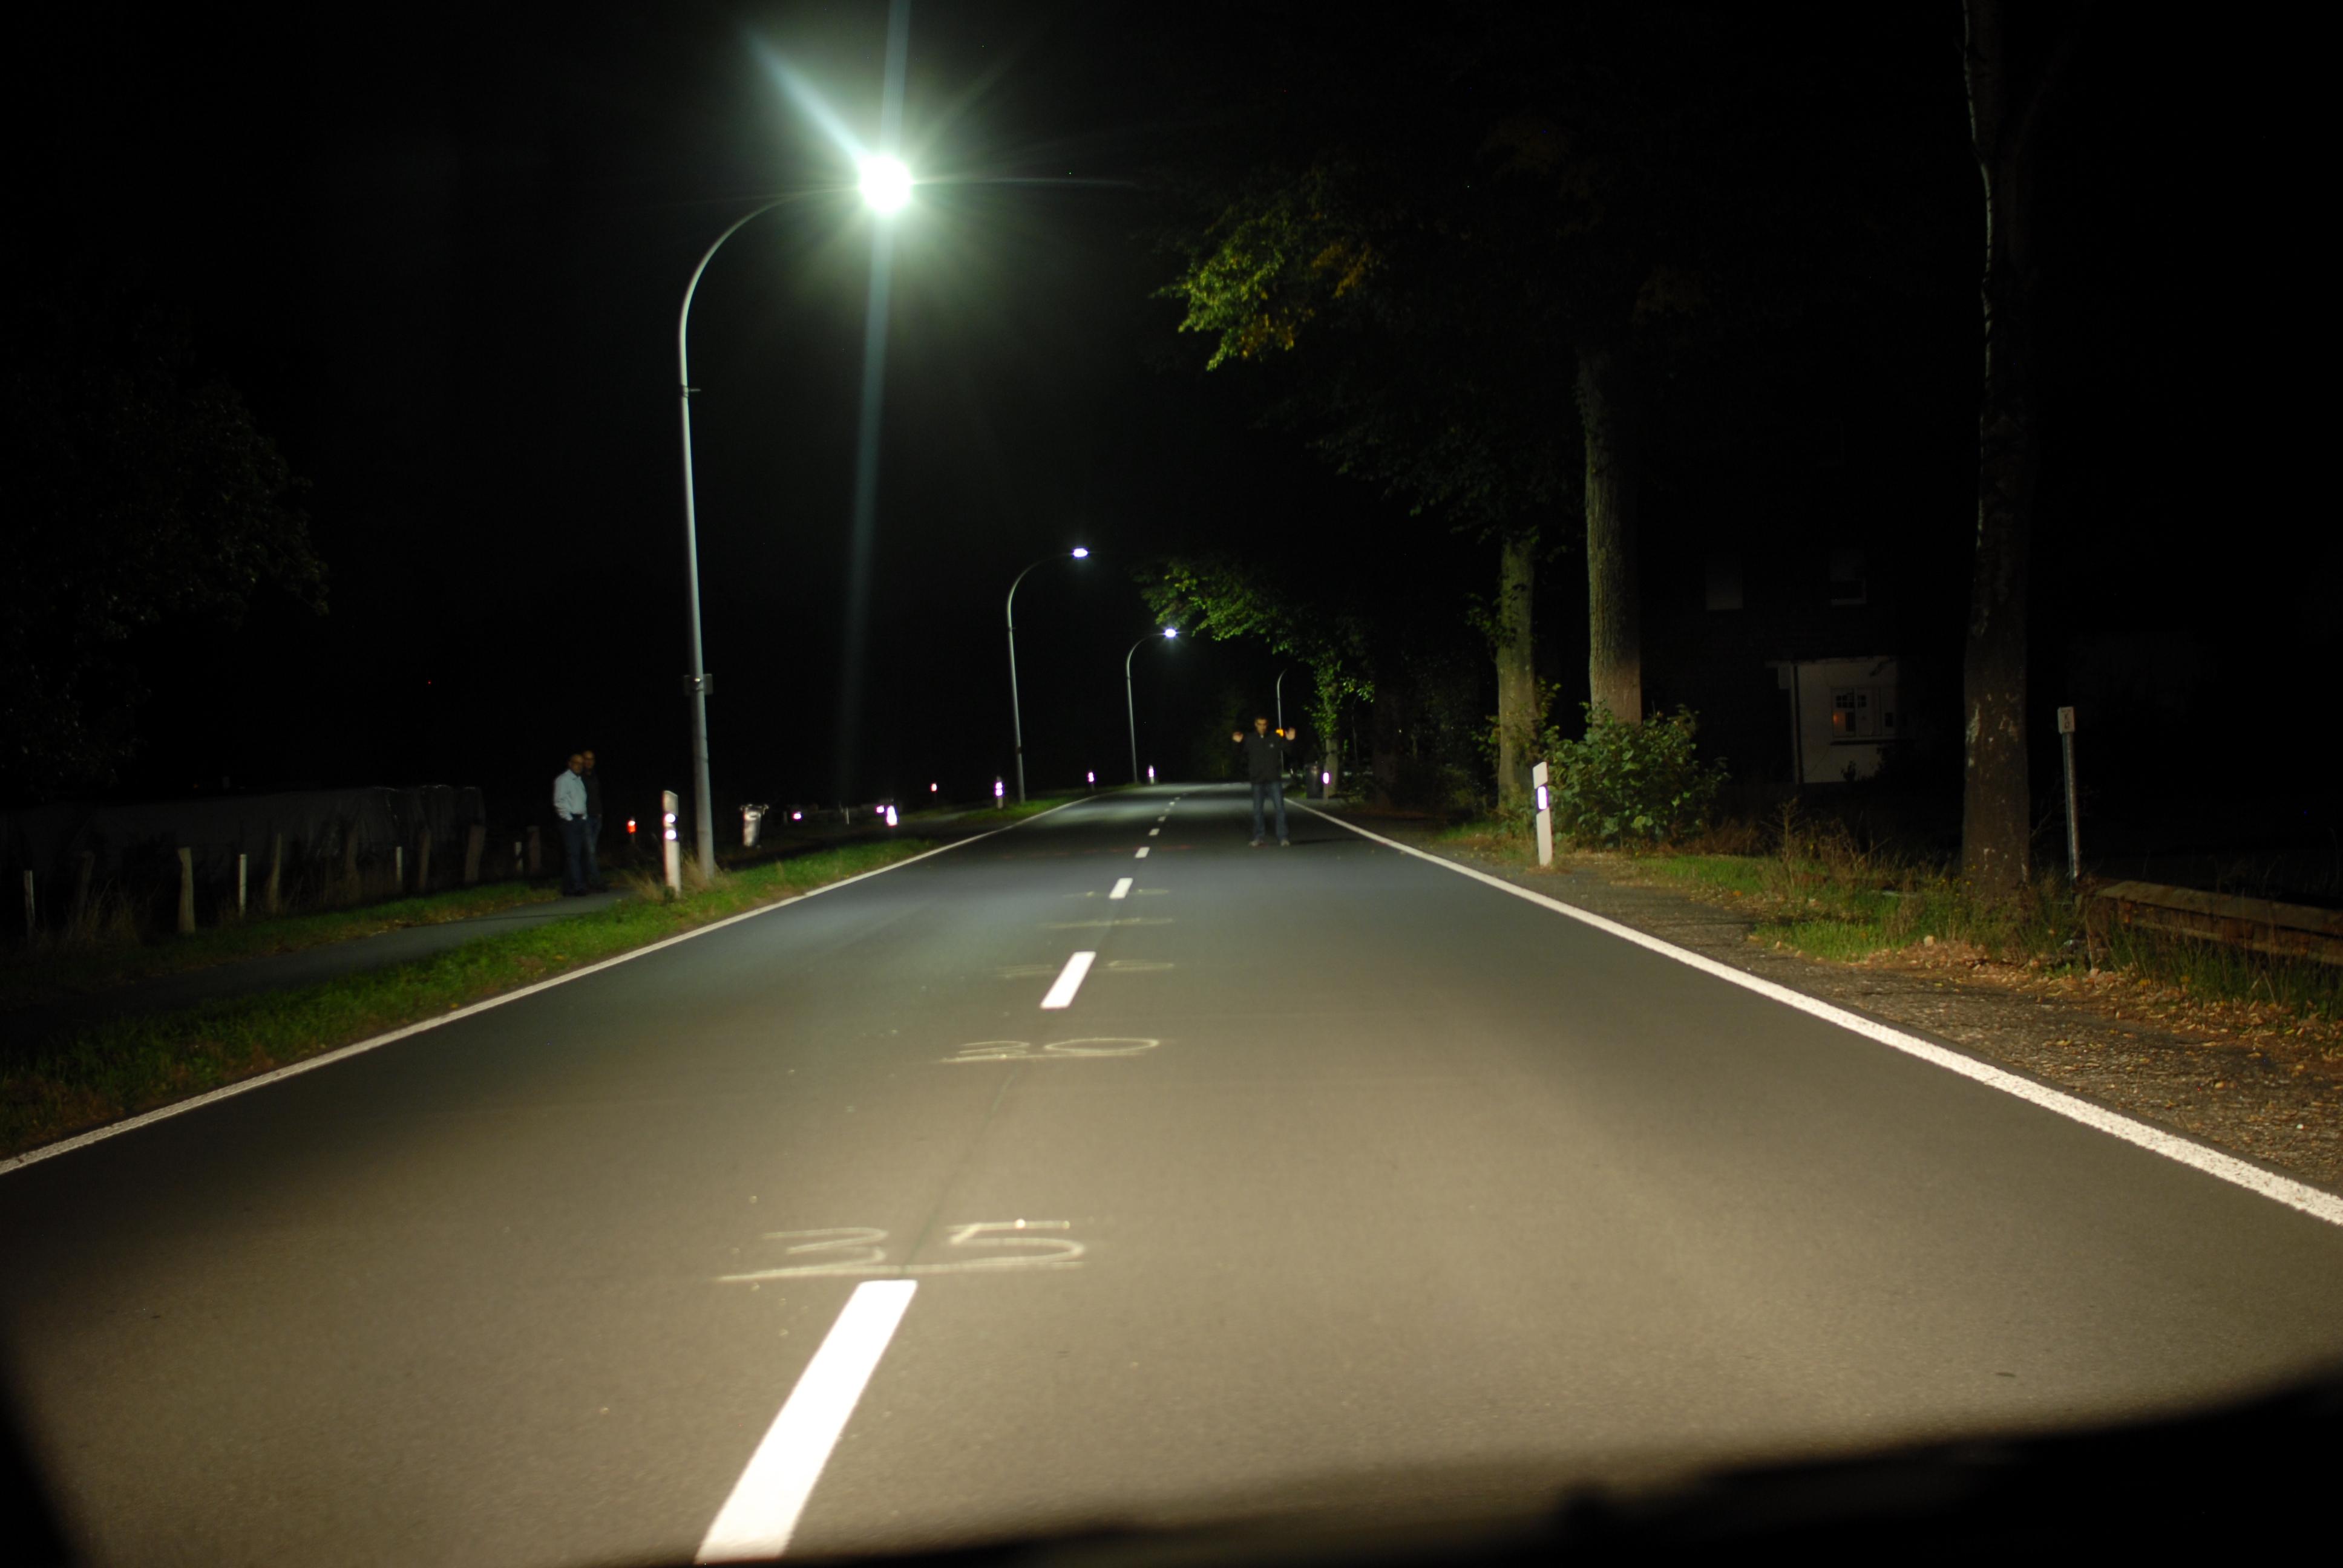 Sicht auf frontal stehenden, dunkel gekleideten Fußgänger aus 40m Entfernung